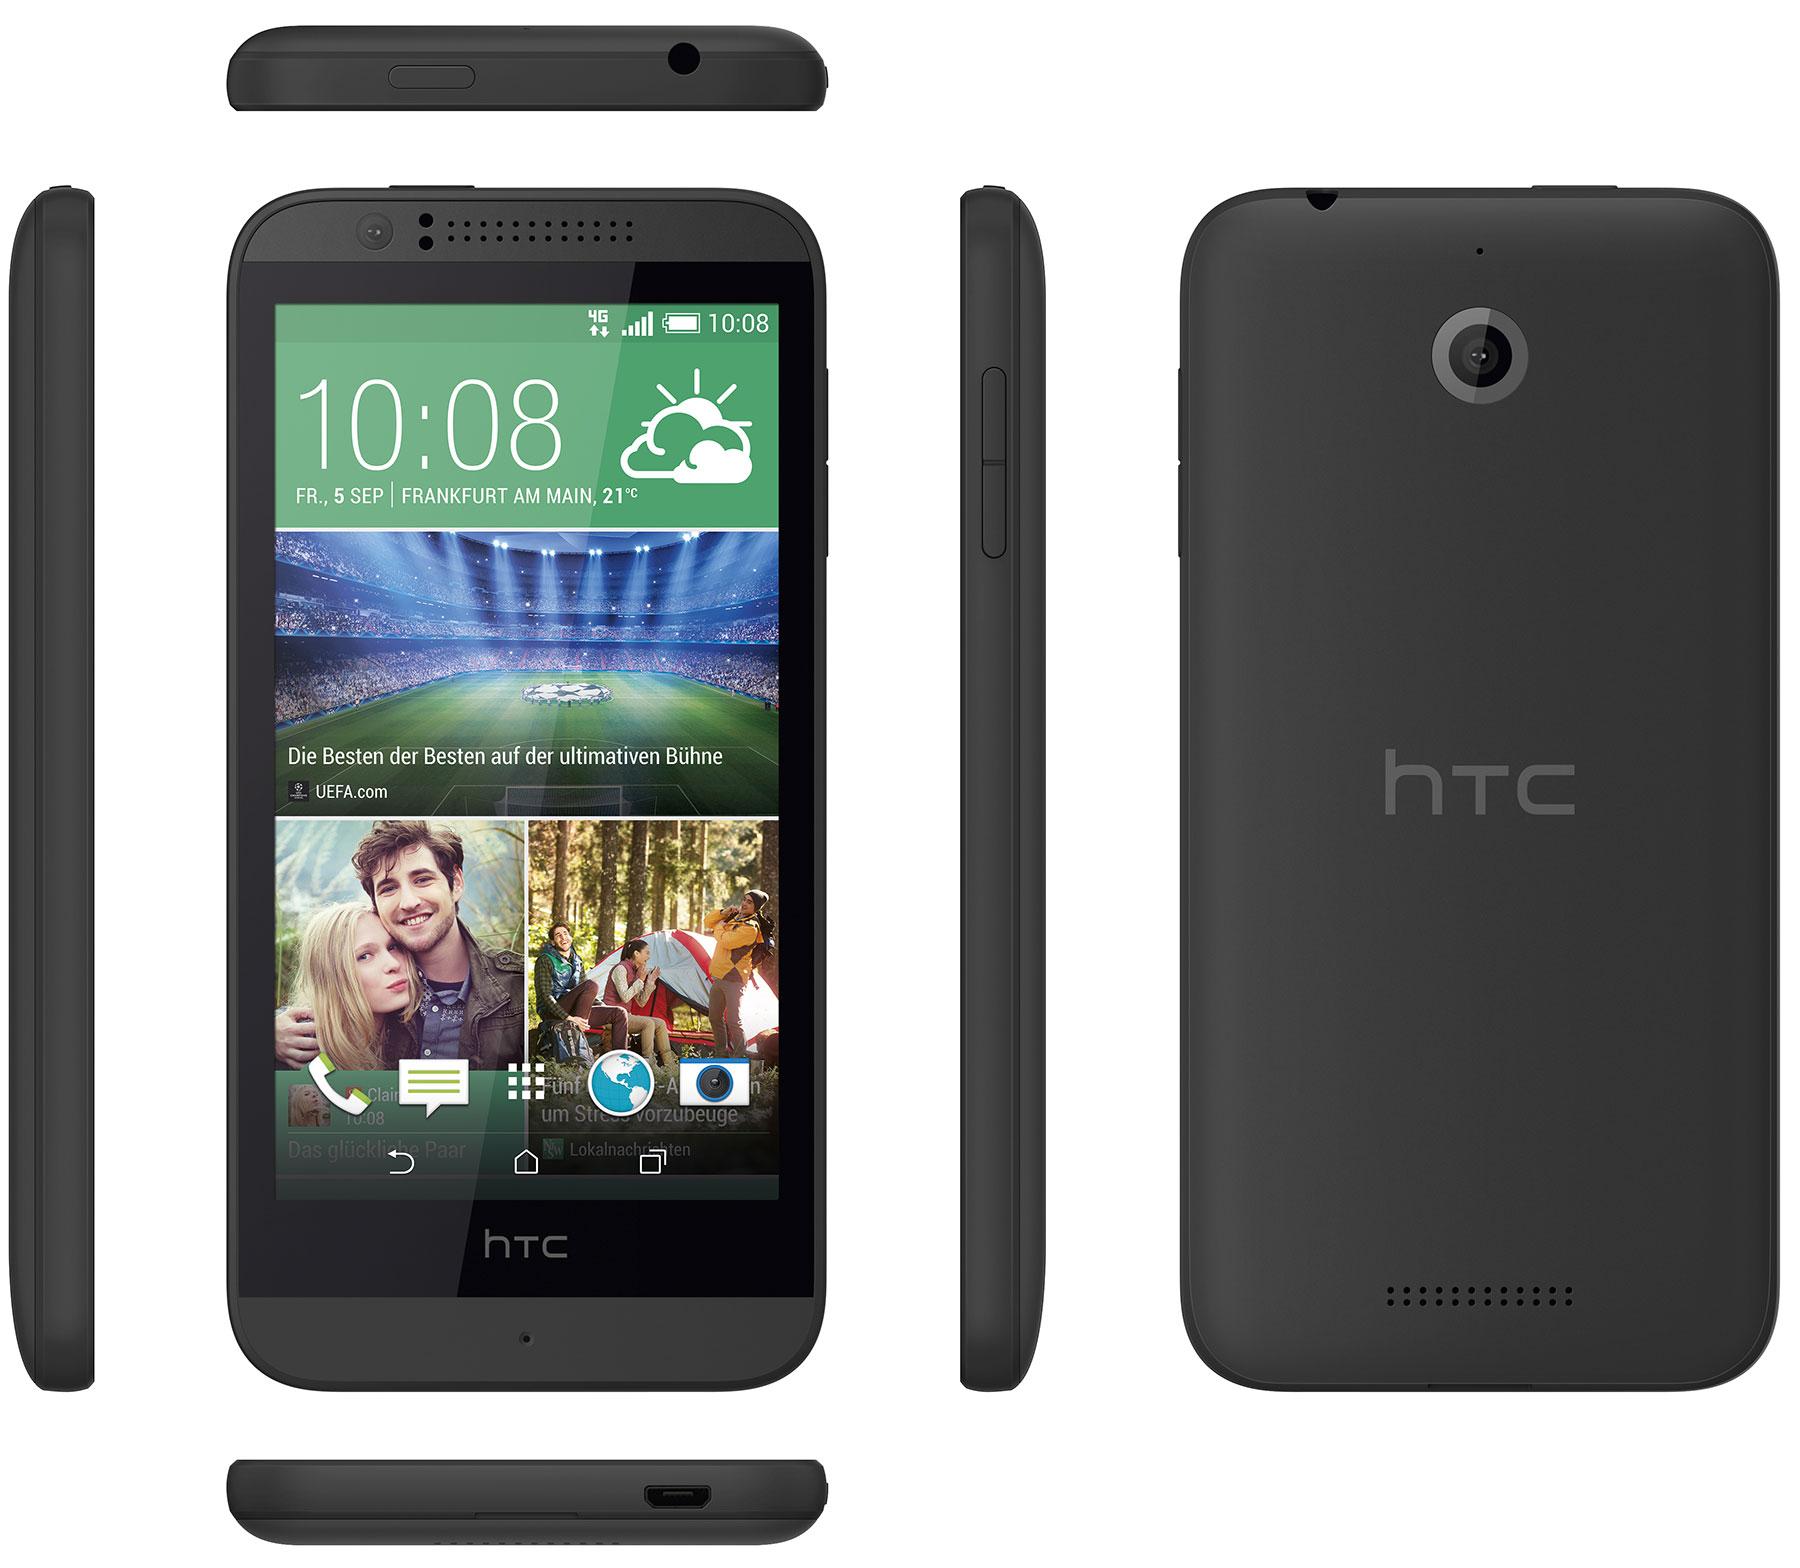 HTC_Desire_510_LTE_64_Bit